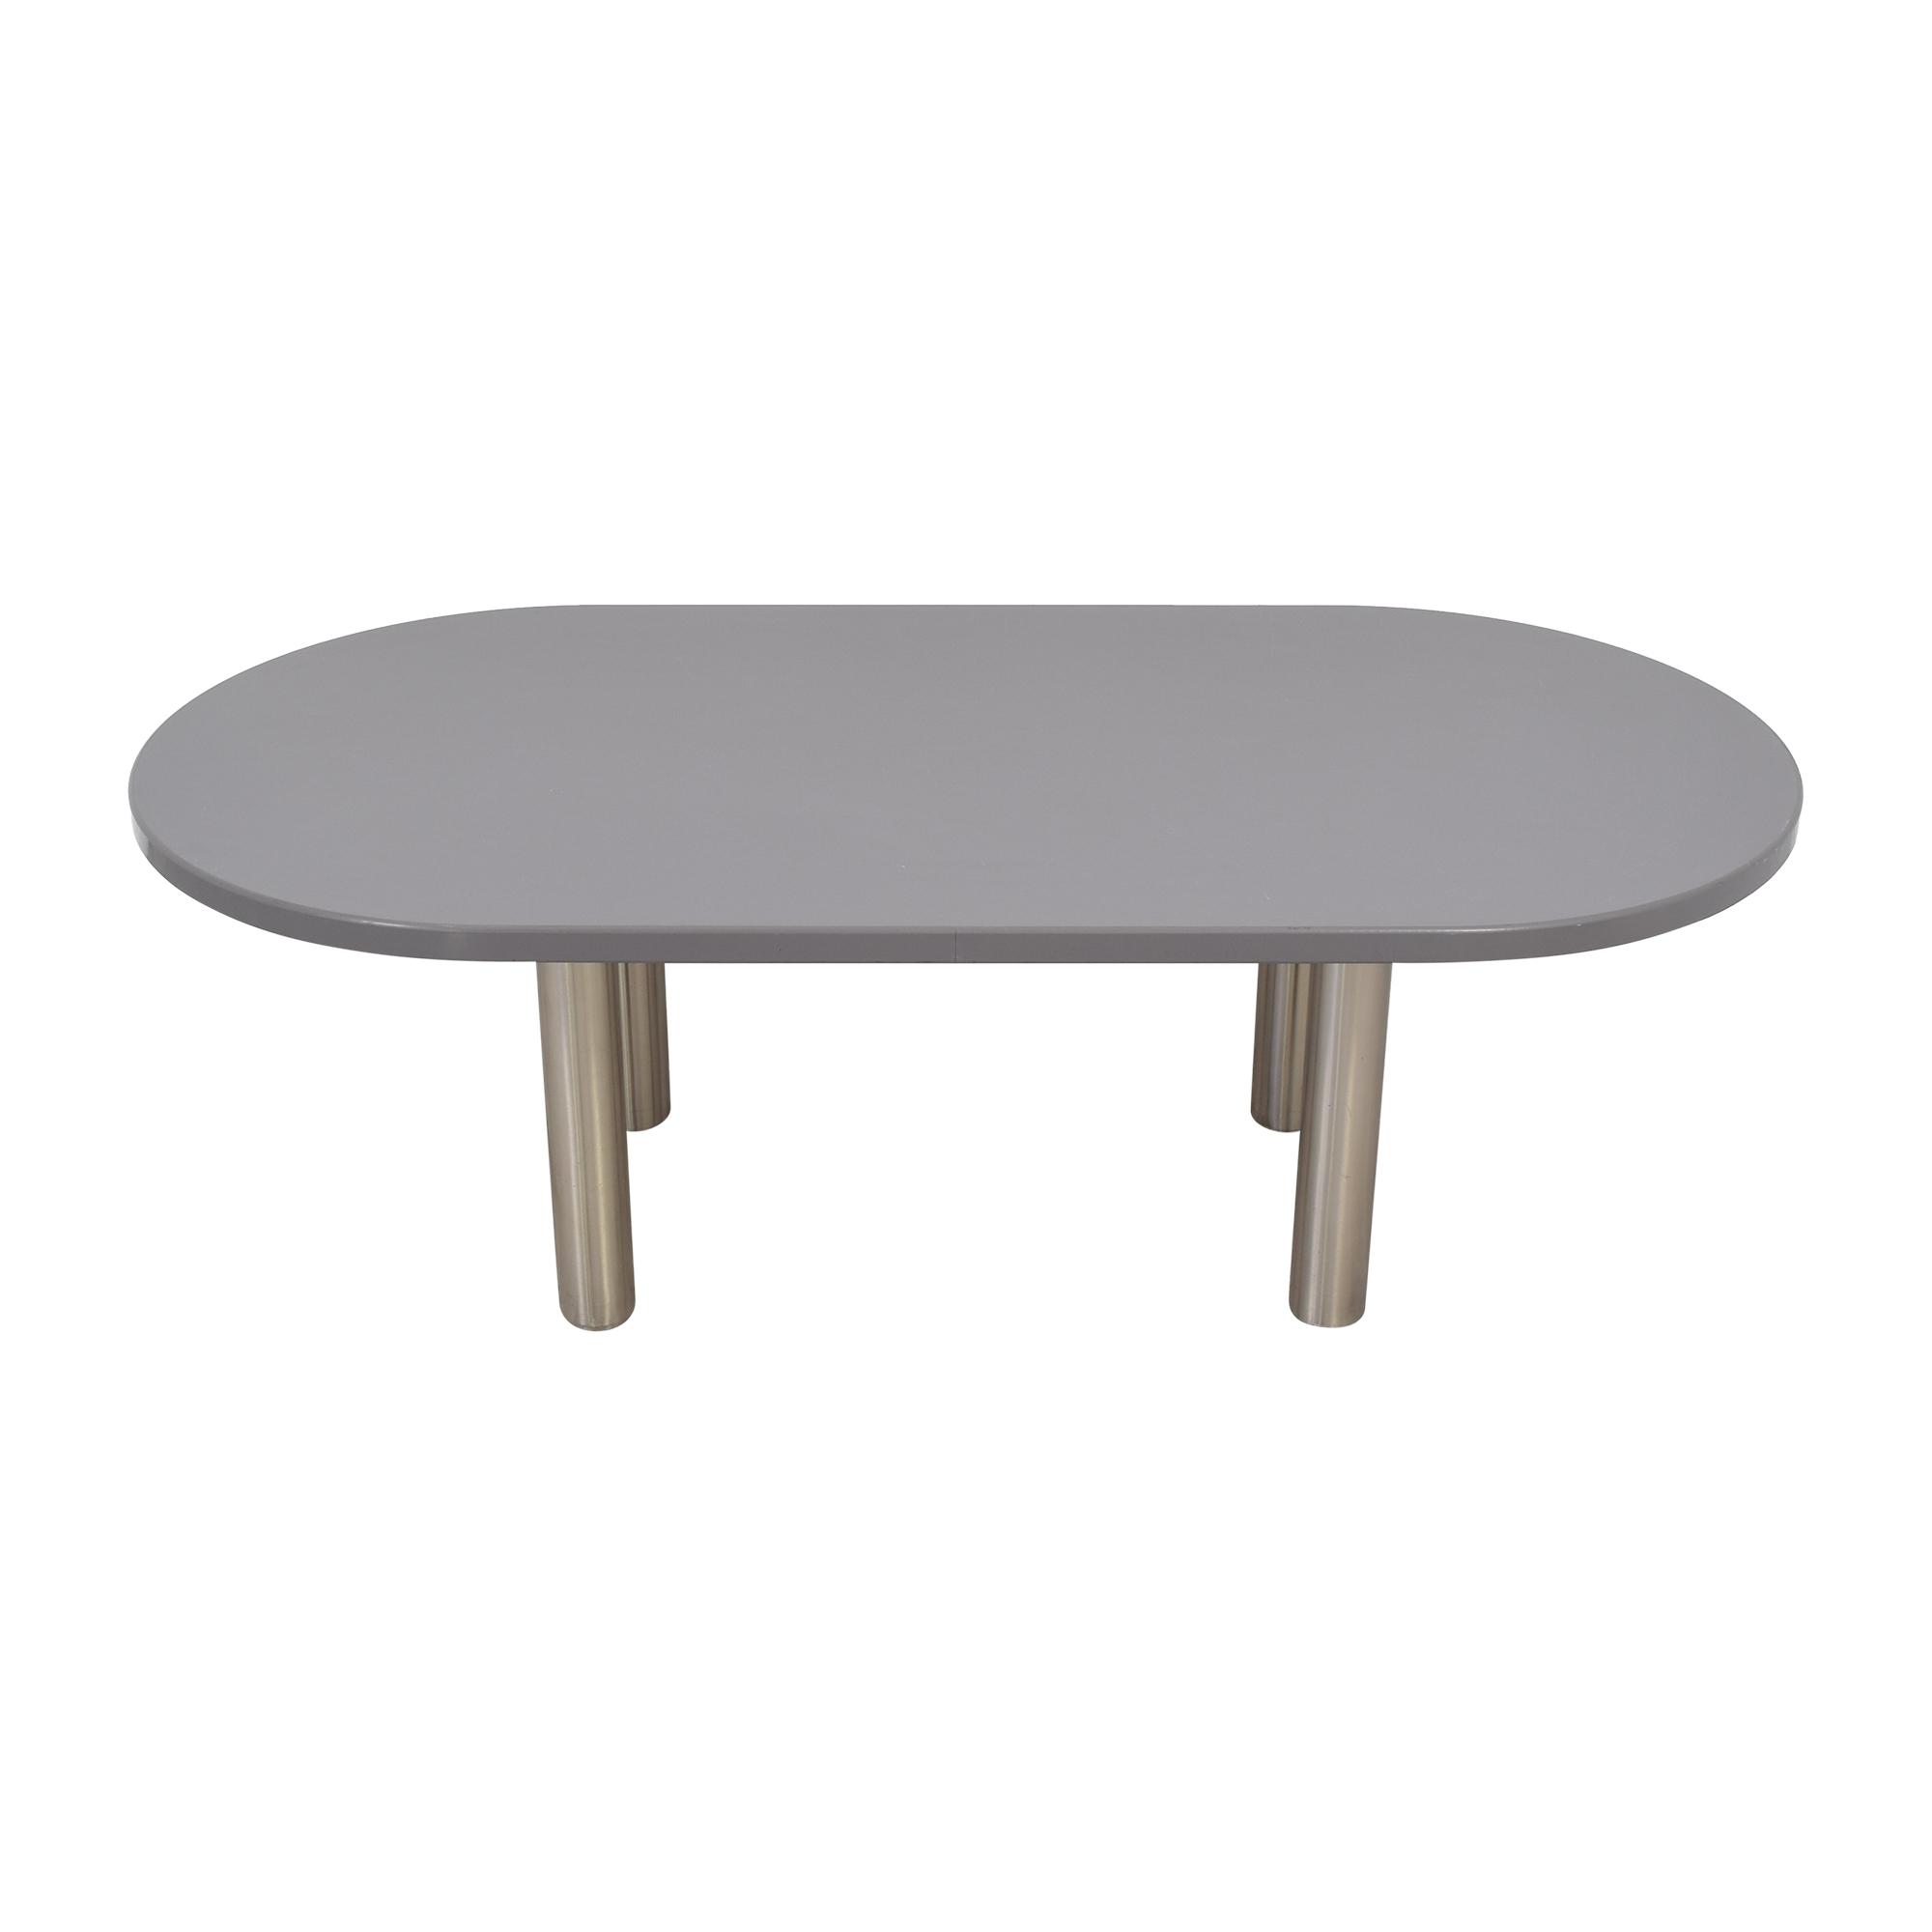 Knoll Knoll Reff Profile Meeting Table on sale